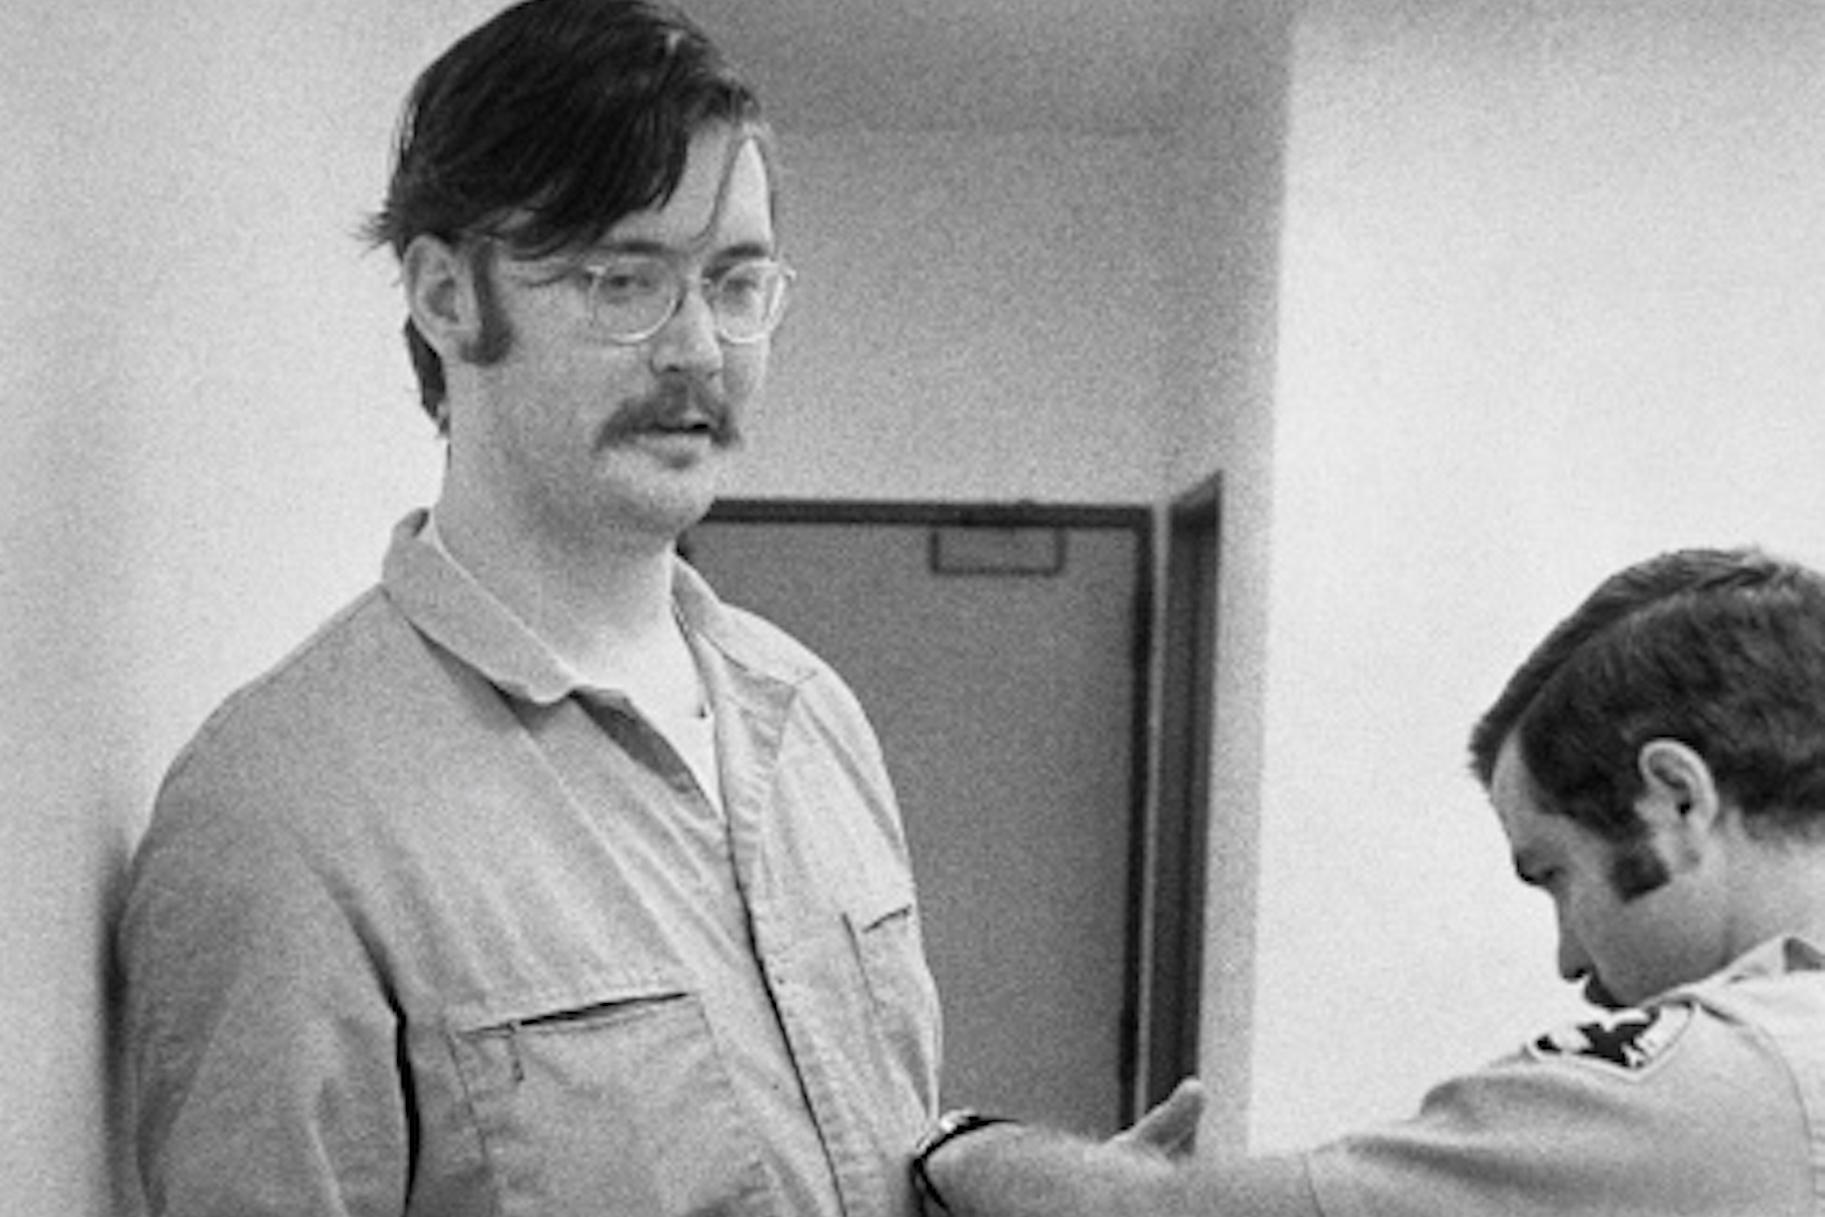 ¿Qué pasó con el resto de la familia del asesino en serie Ed Kemper?